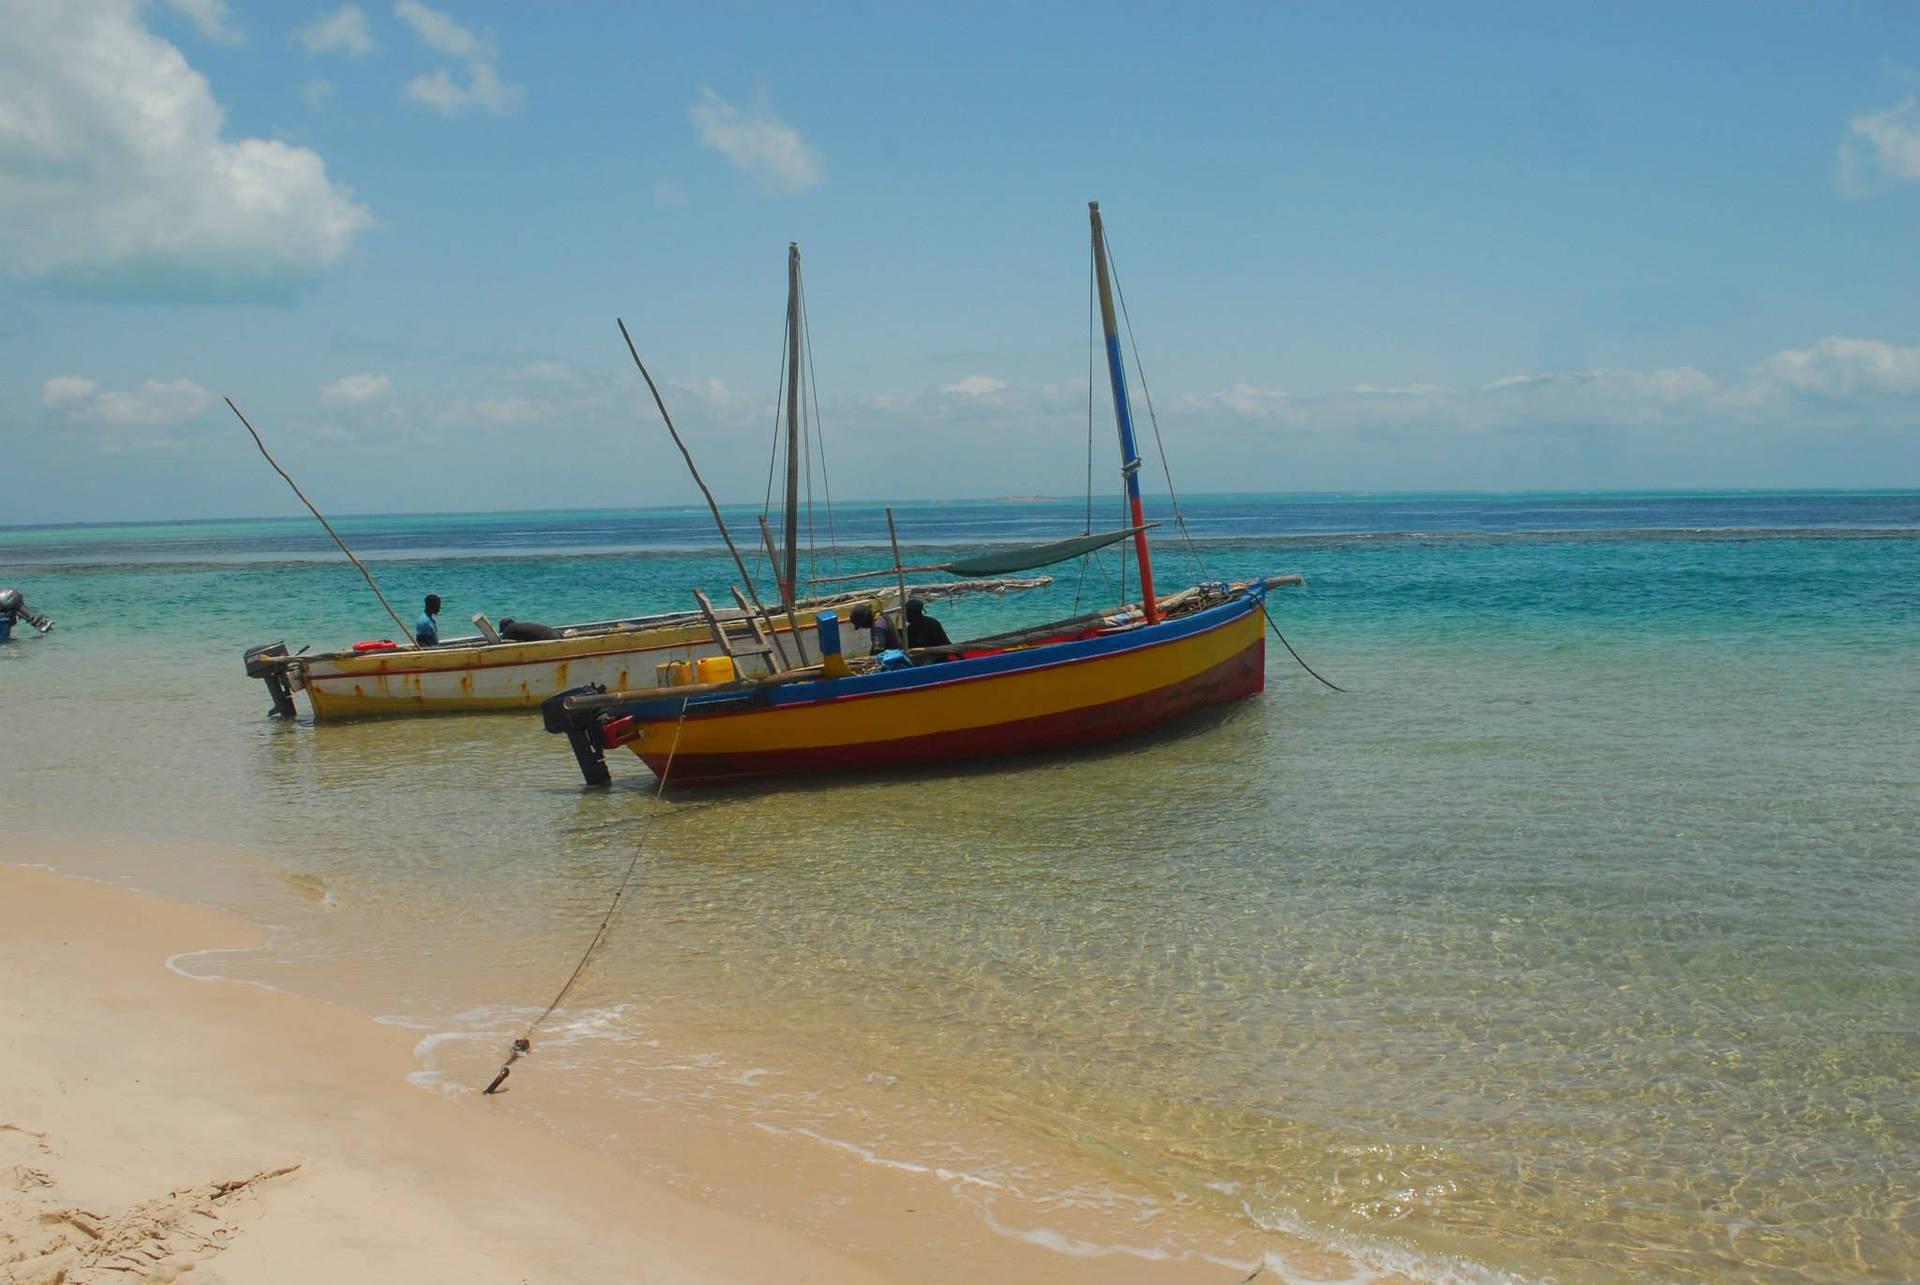 Strände und Wellen wie im Paradies. Fischerboote und blaue See.